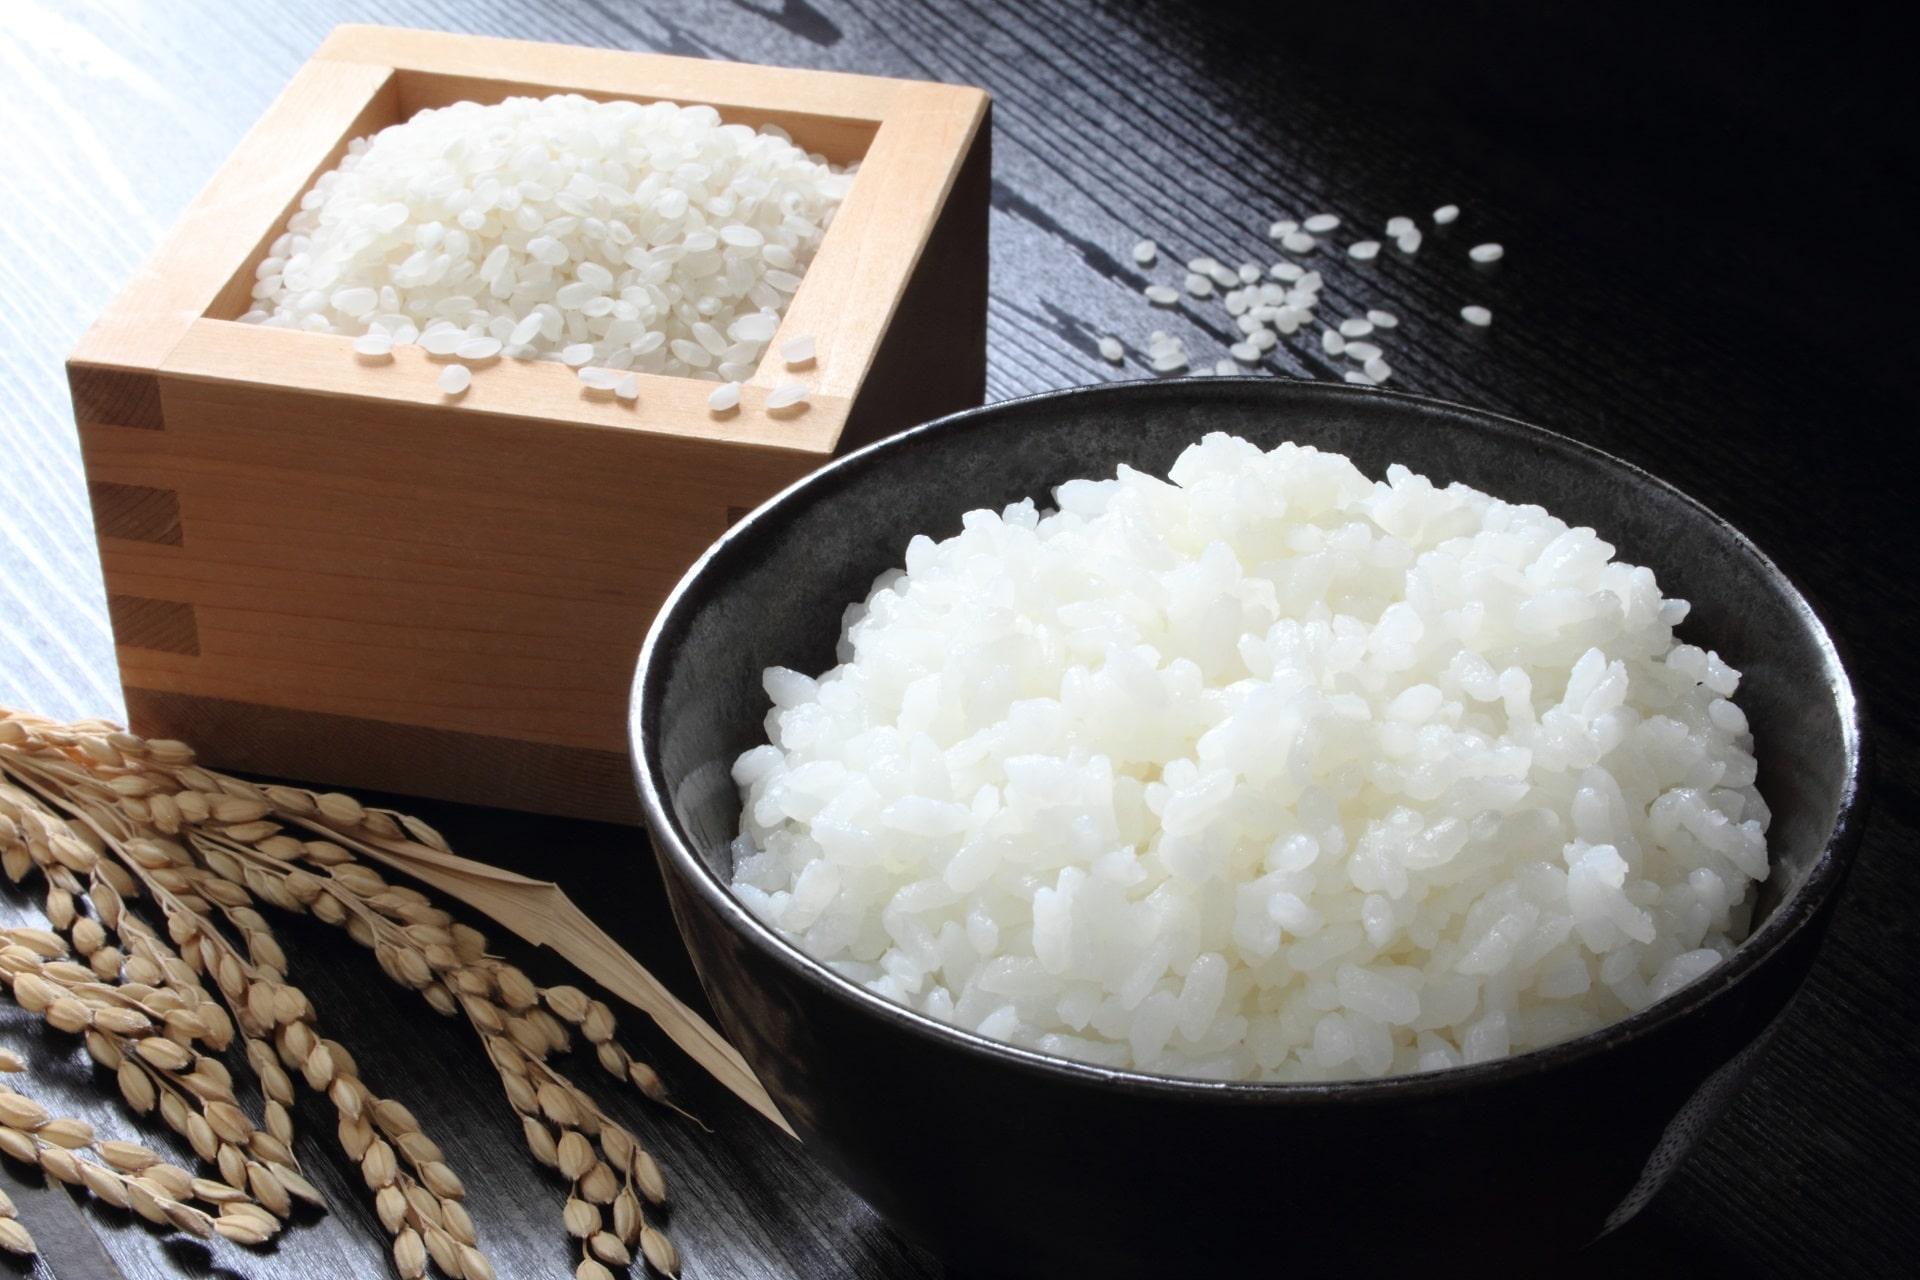 心身に活力を与える!日本人の主食「米」その栄養パワーの謎を解説!